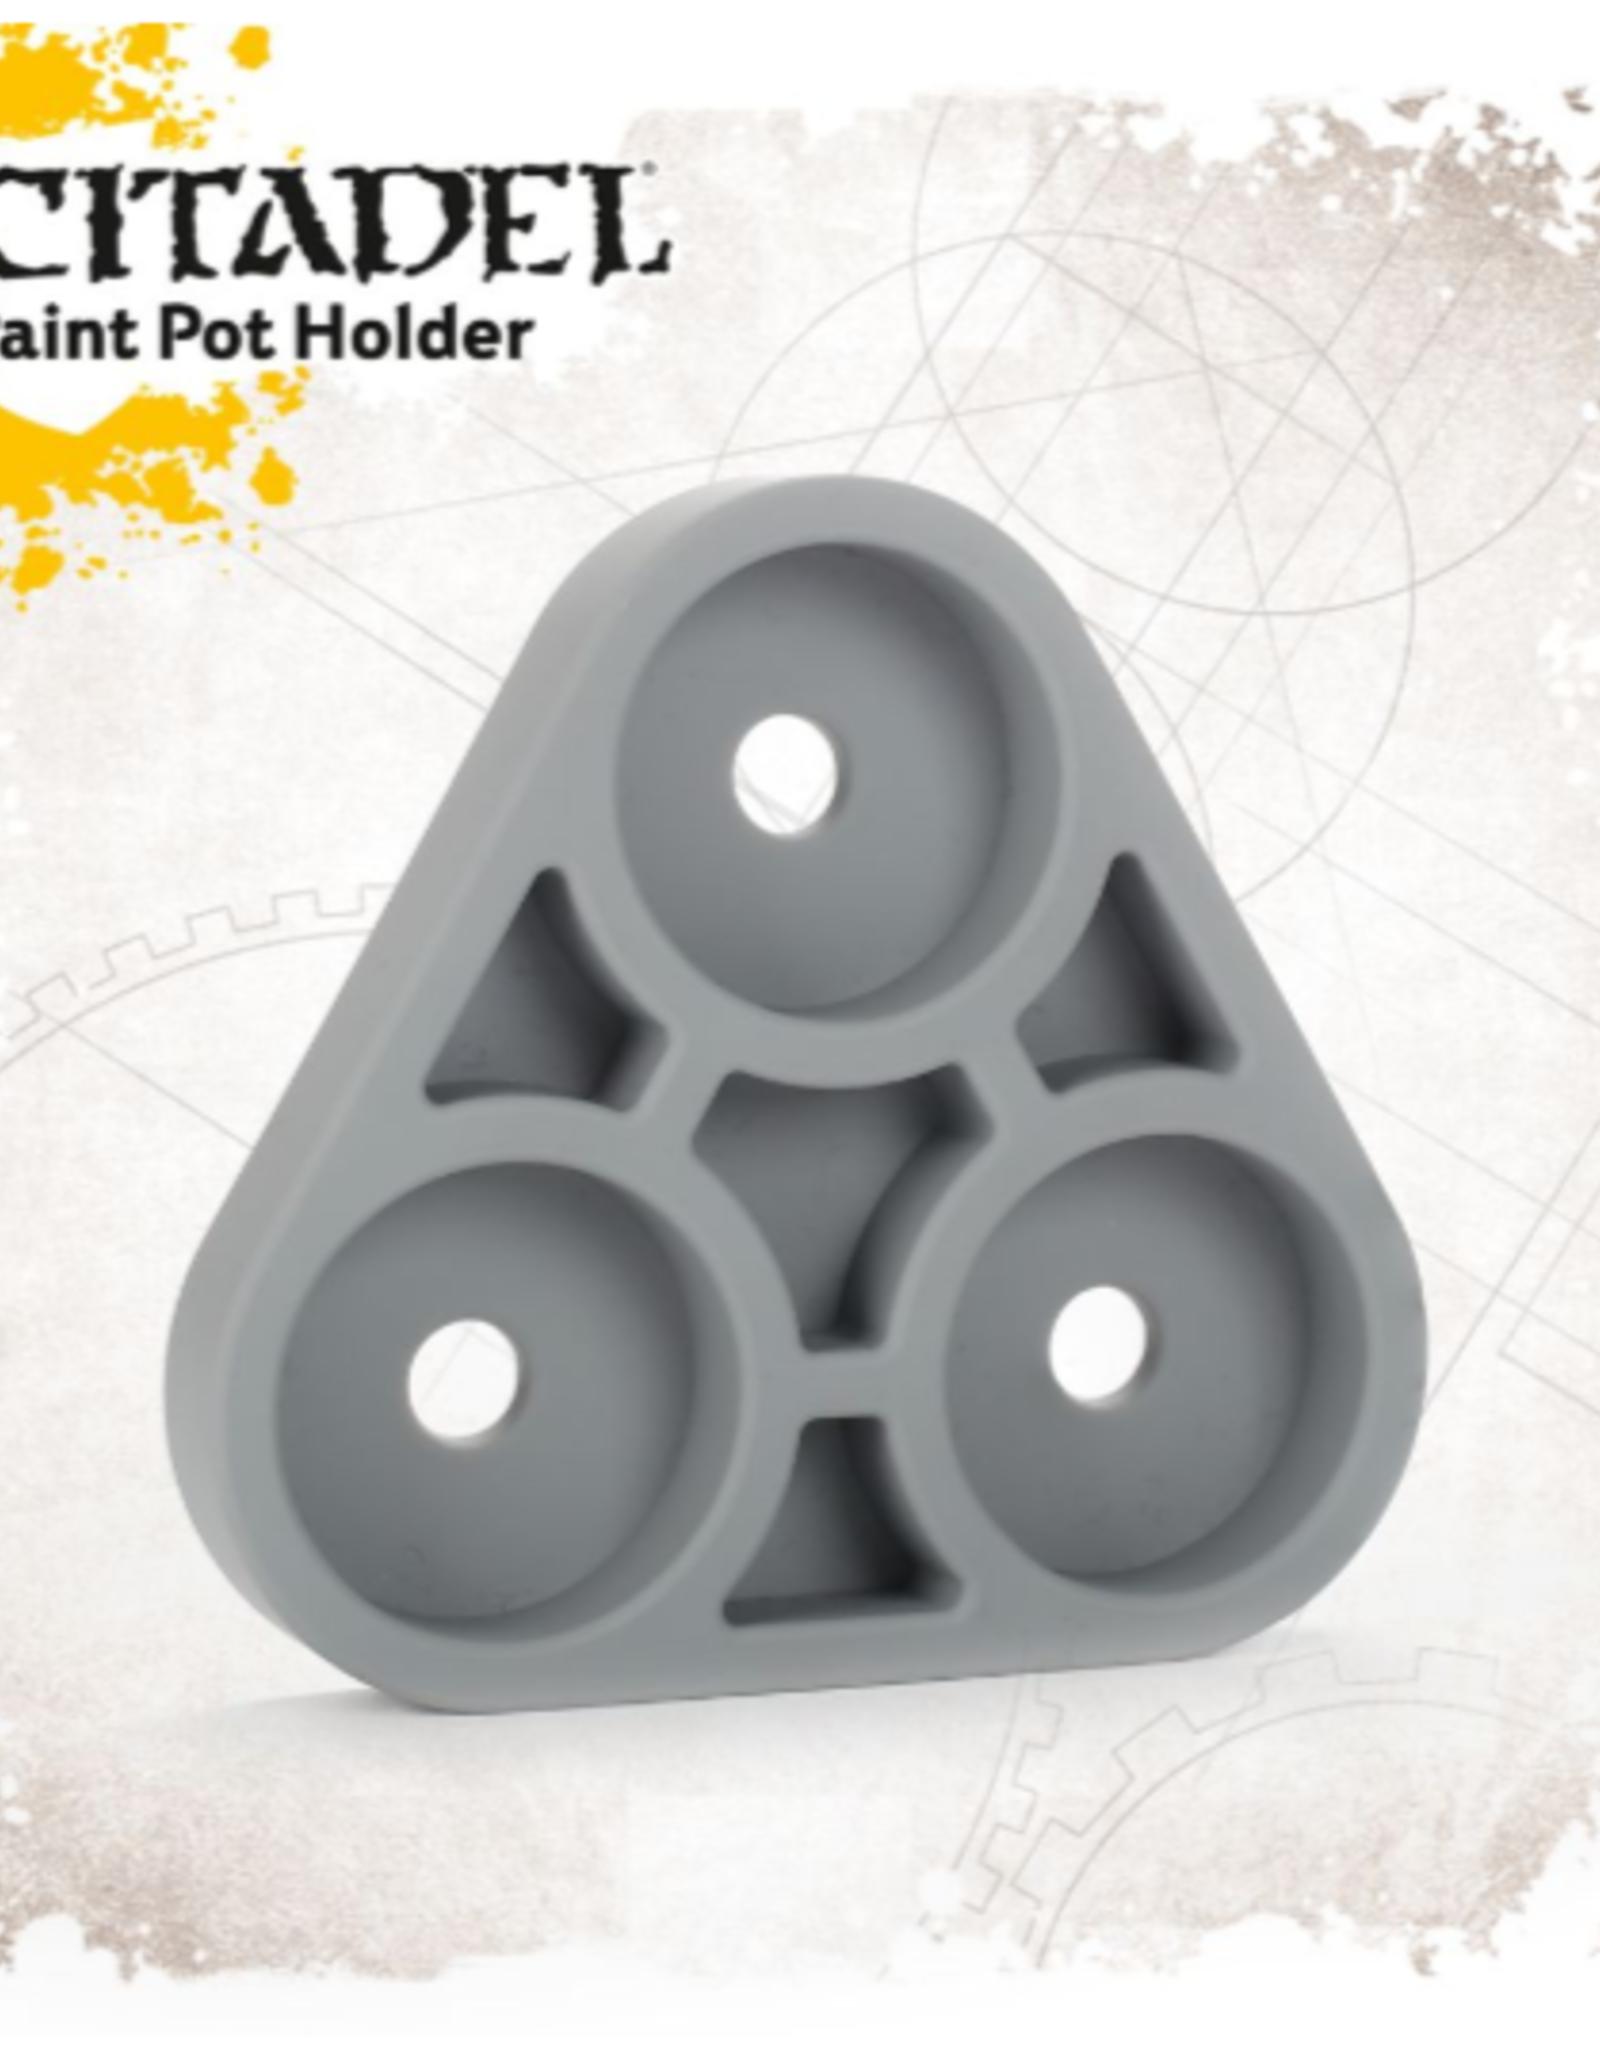 Games Workshop Citadel Paint Pot Holder